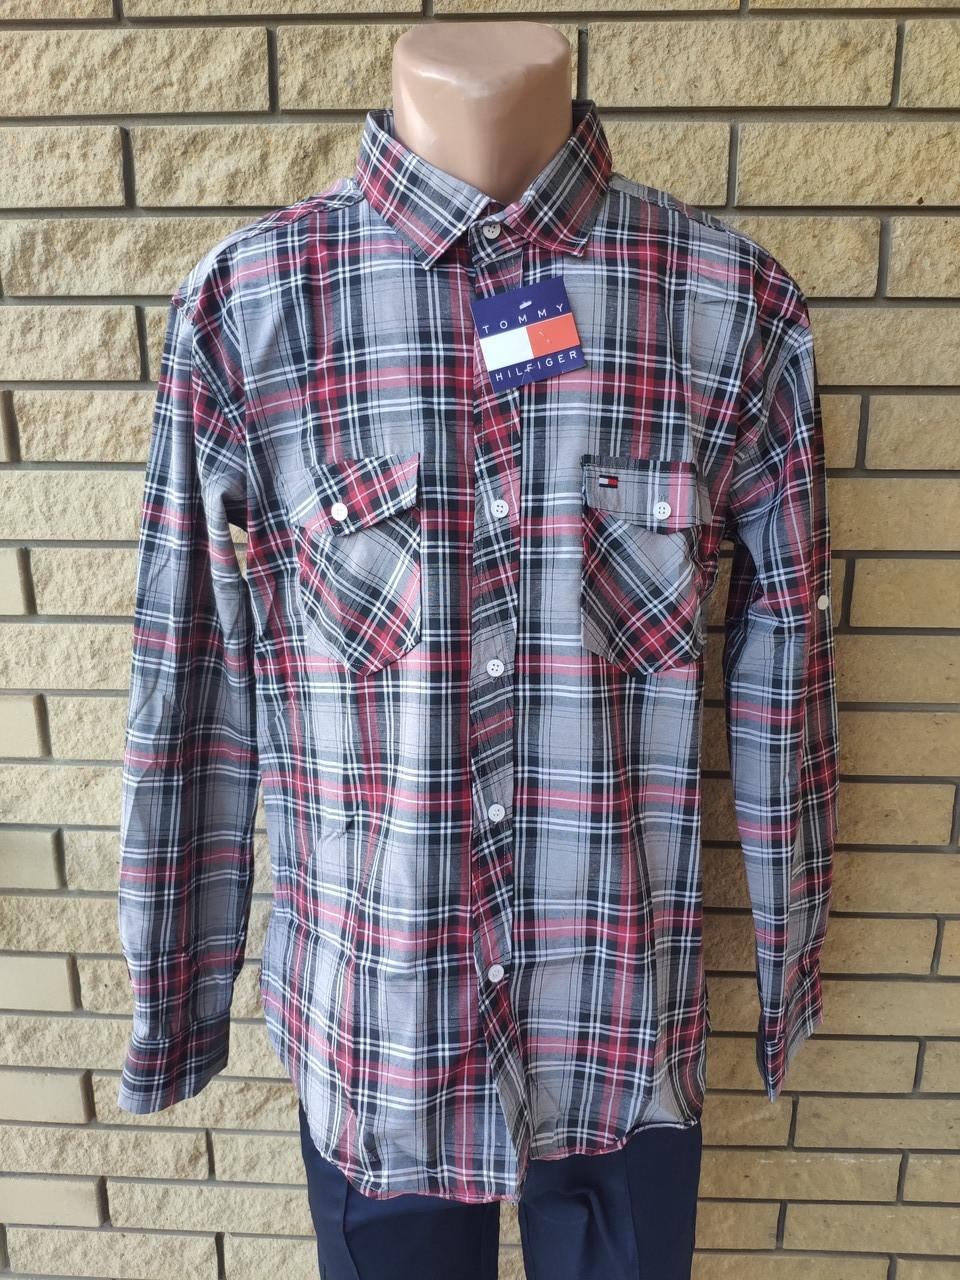 Рубашка мужская коттоновая брендовая высокого качества  реплика TOMMY HILFIGER, Турция